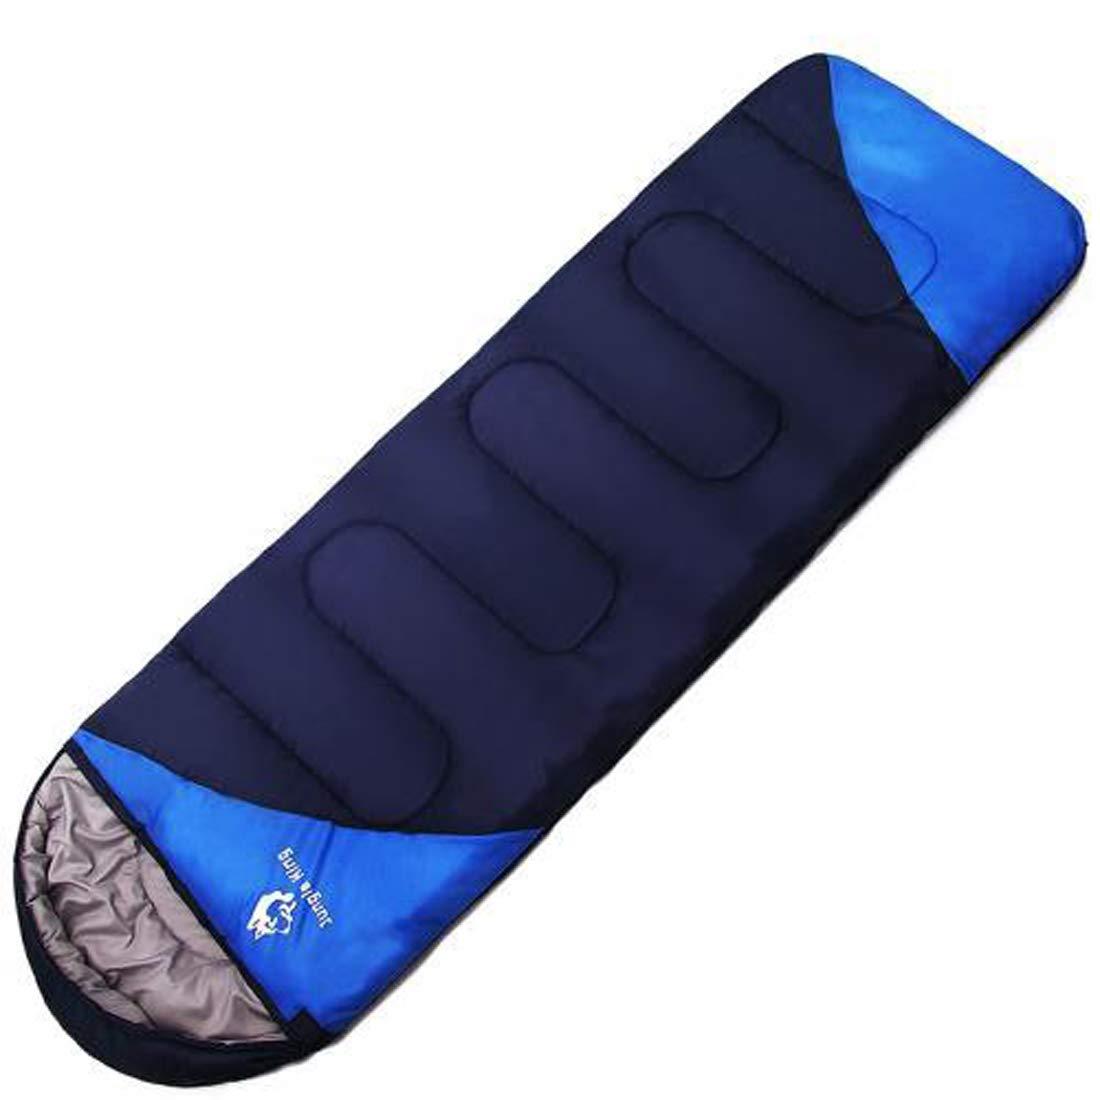 UICICI Schlafsack warmes Feld tragbare Umschläge warme tragbare können zusammen doppelte atmungsaktive Schlafsäcke Wild geeignet geeignet für Outdoor-Camping